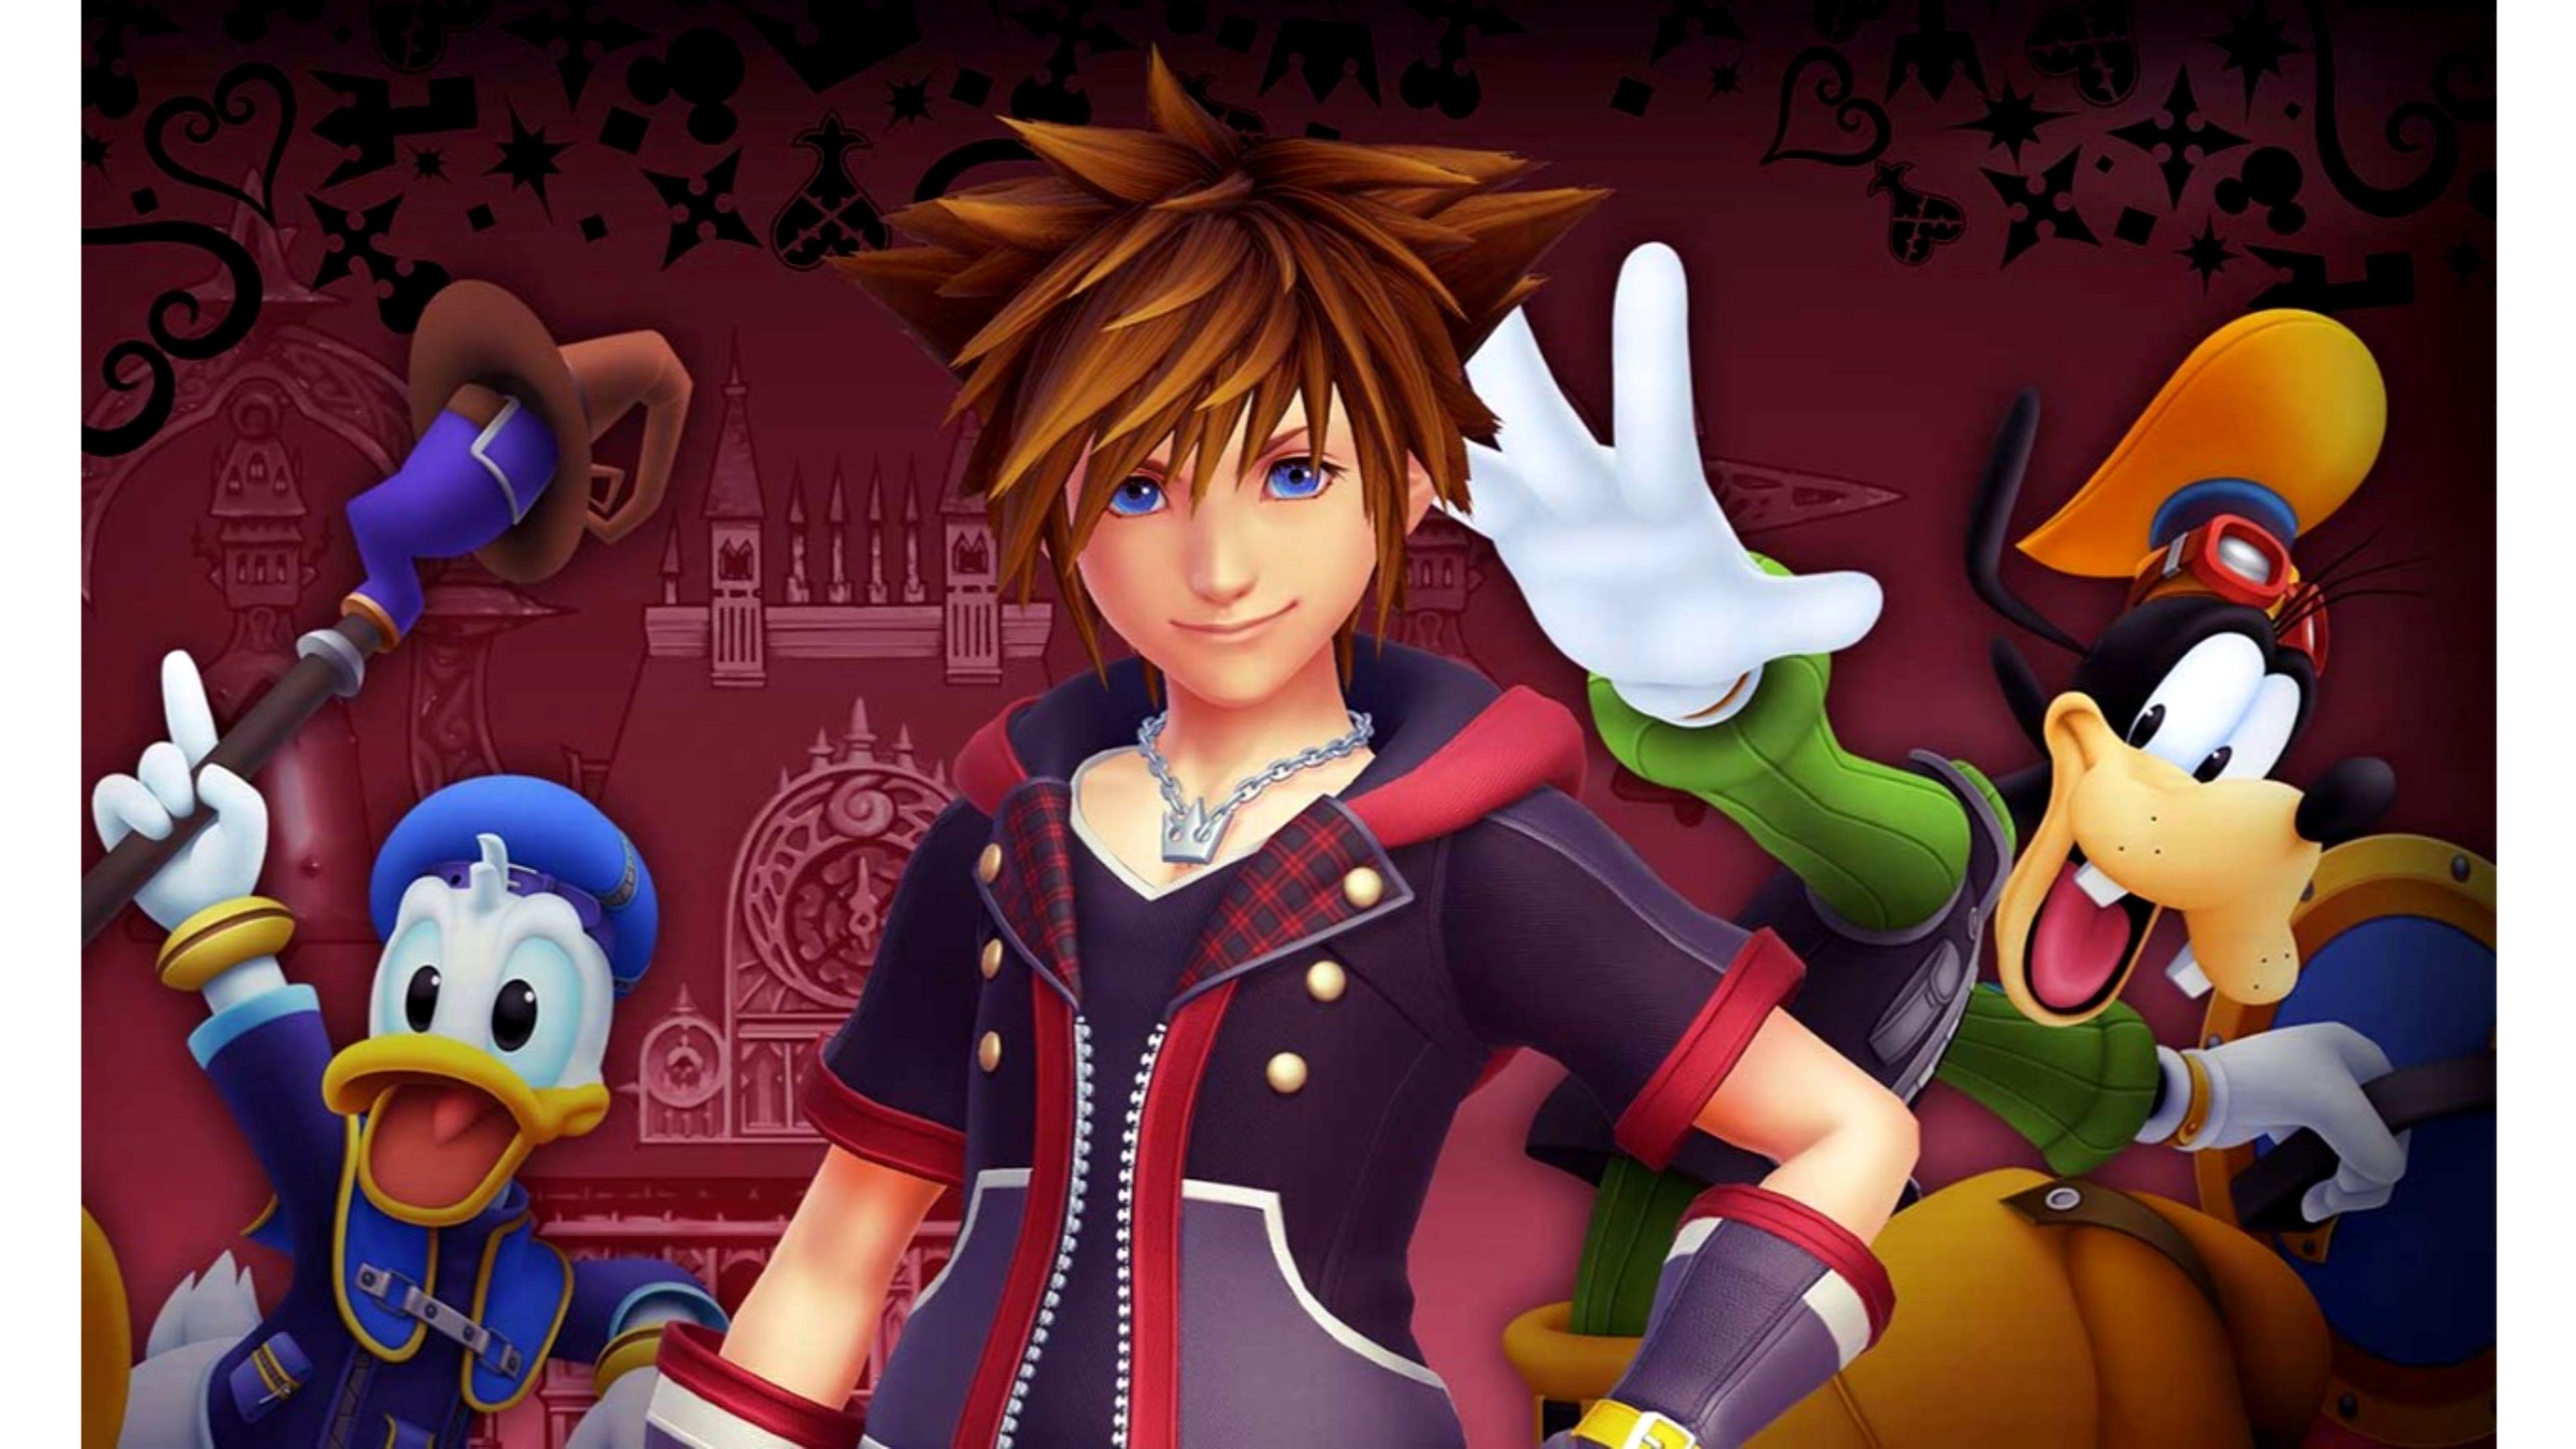 Wallpaper 4K Kingdom Hearts Gallery di 2020